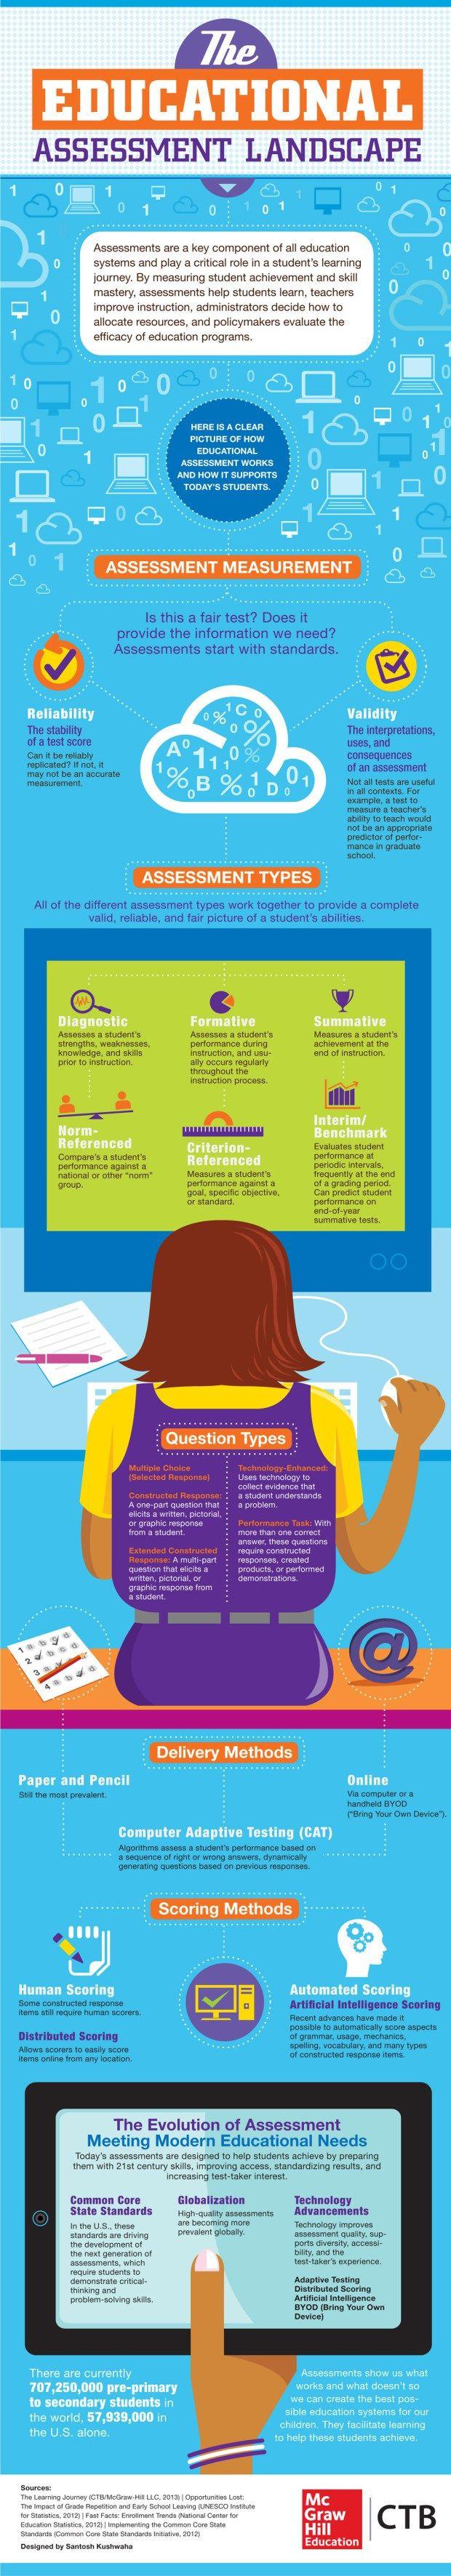 Los6TiposEvaluaciónEstanEvolucionando-Infografía-BlogGesvin